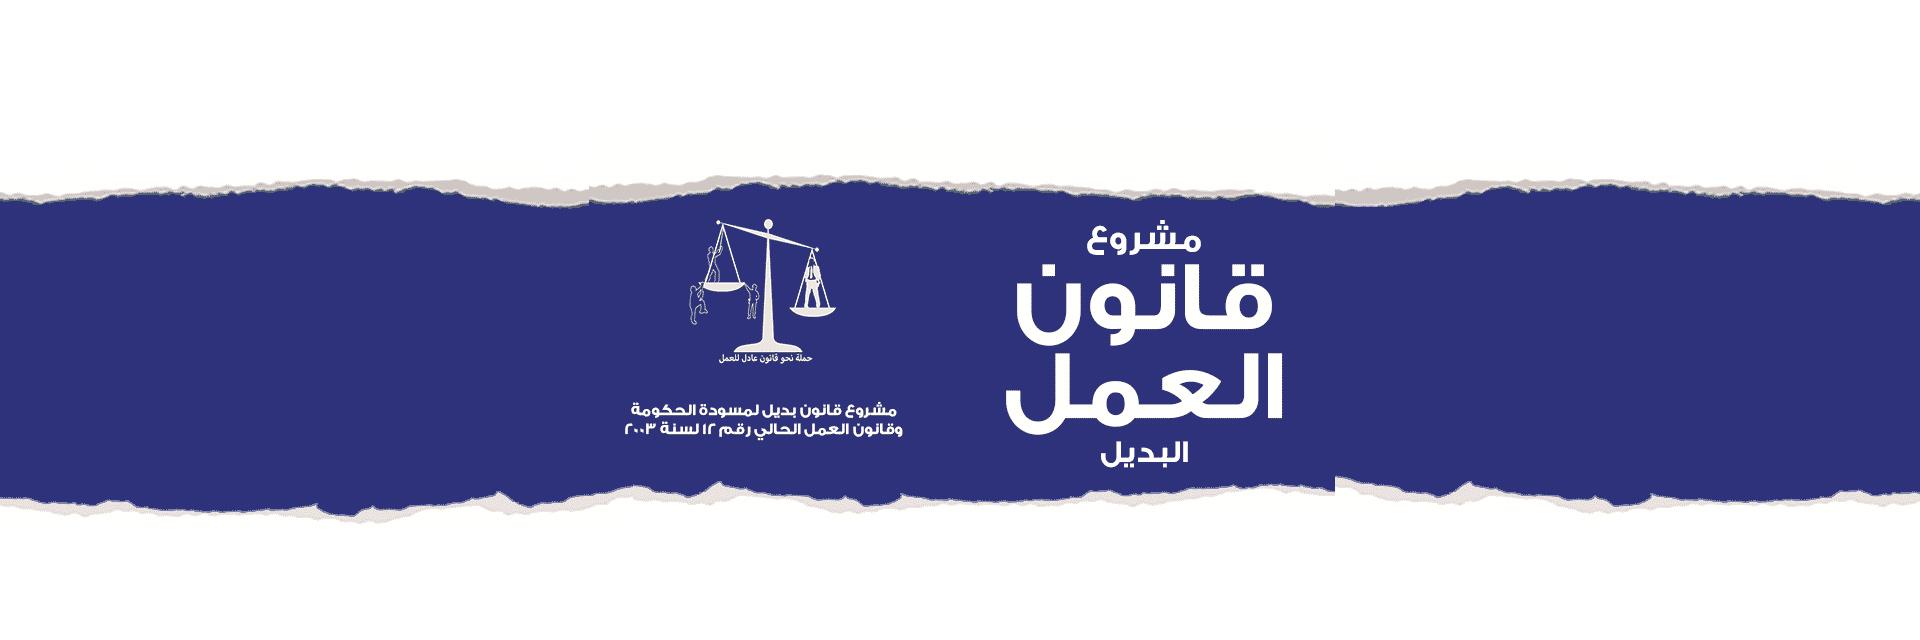 Alt Labour Law